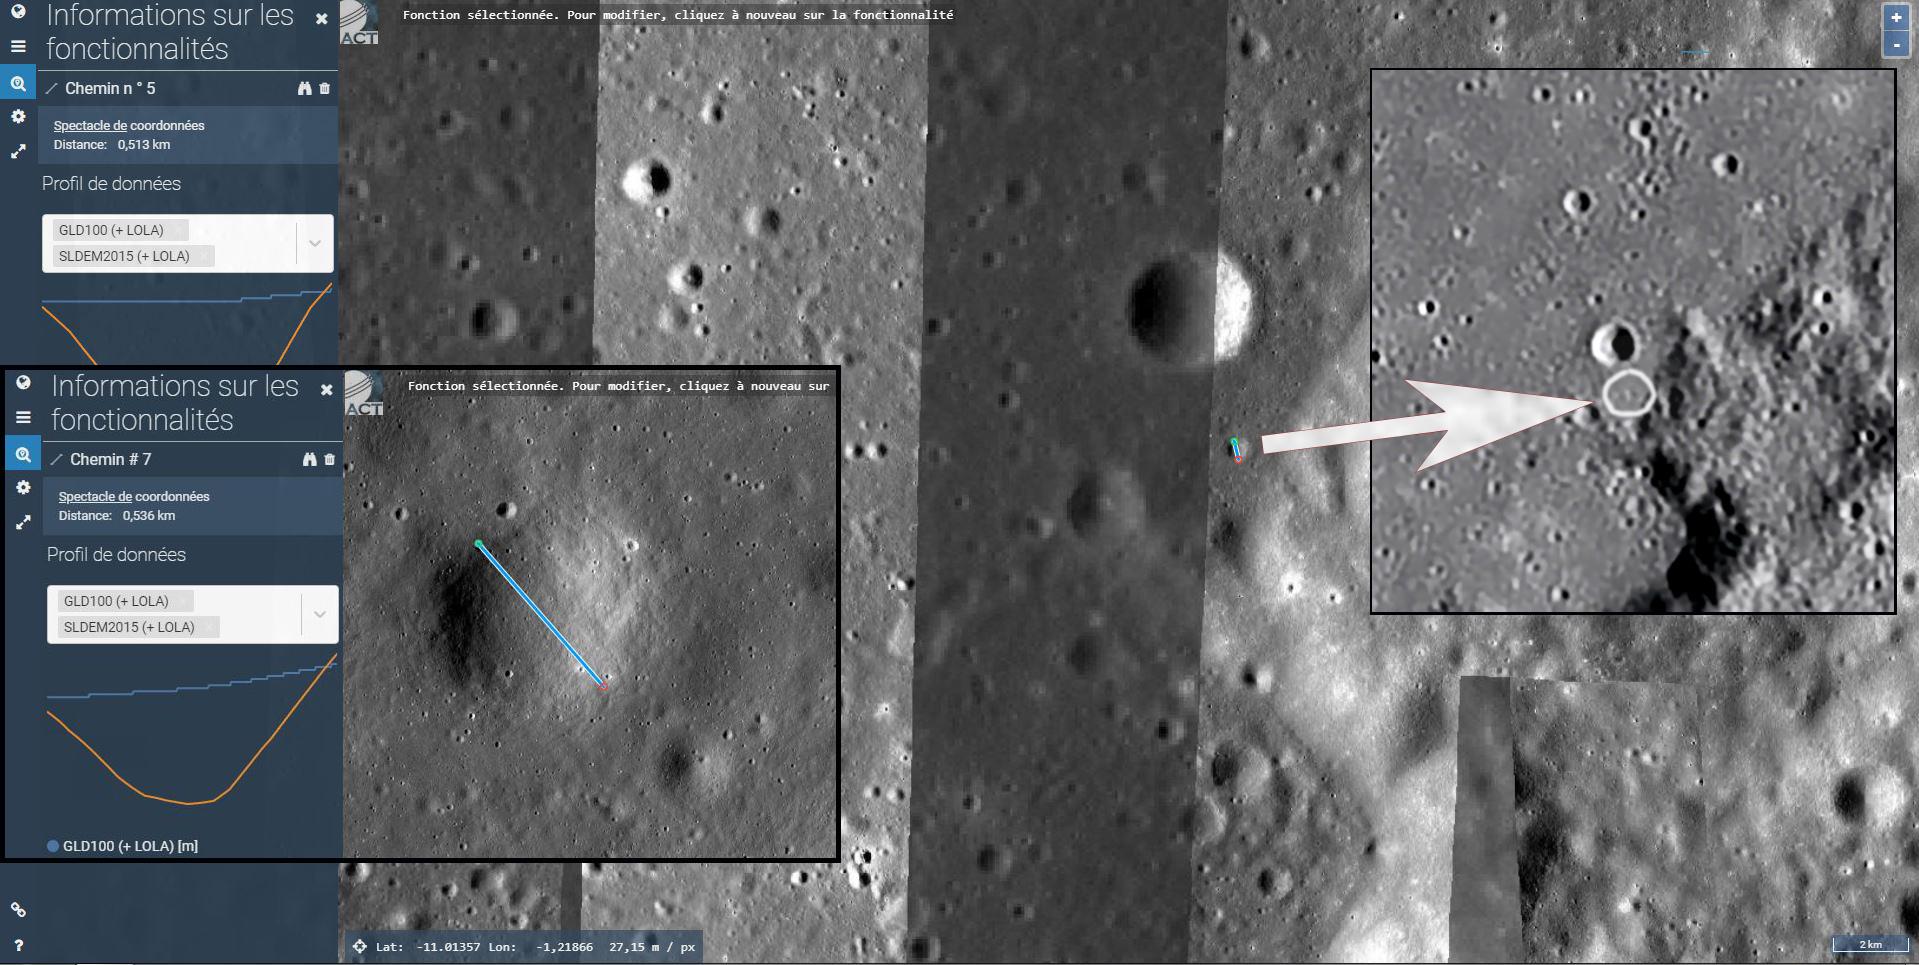 Ptolémée LROC vs CFF350.jpg